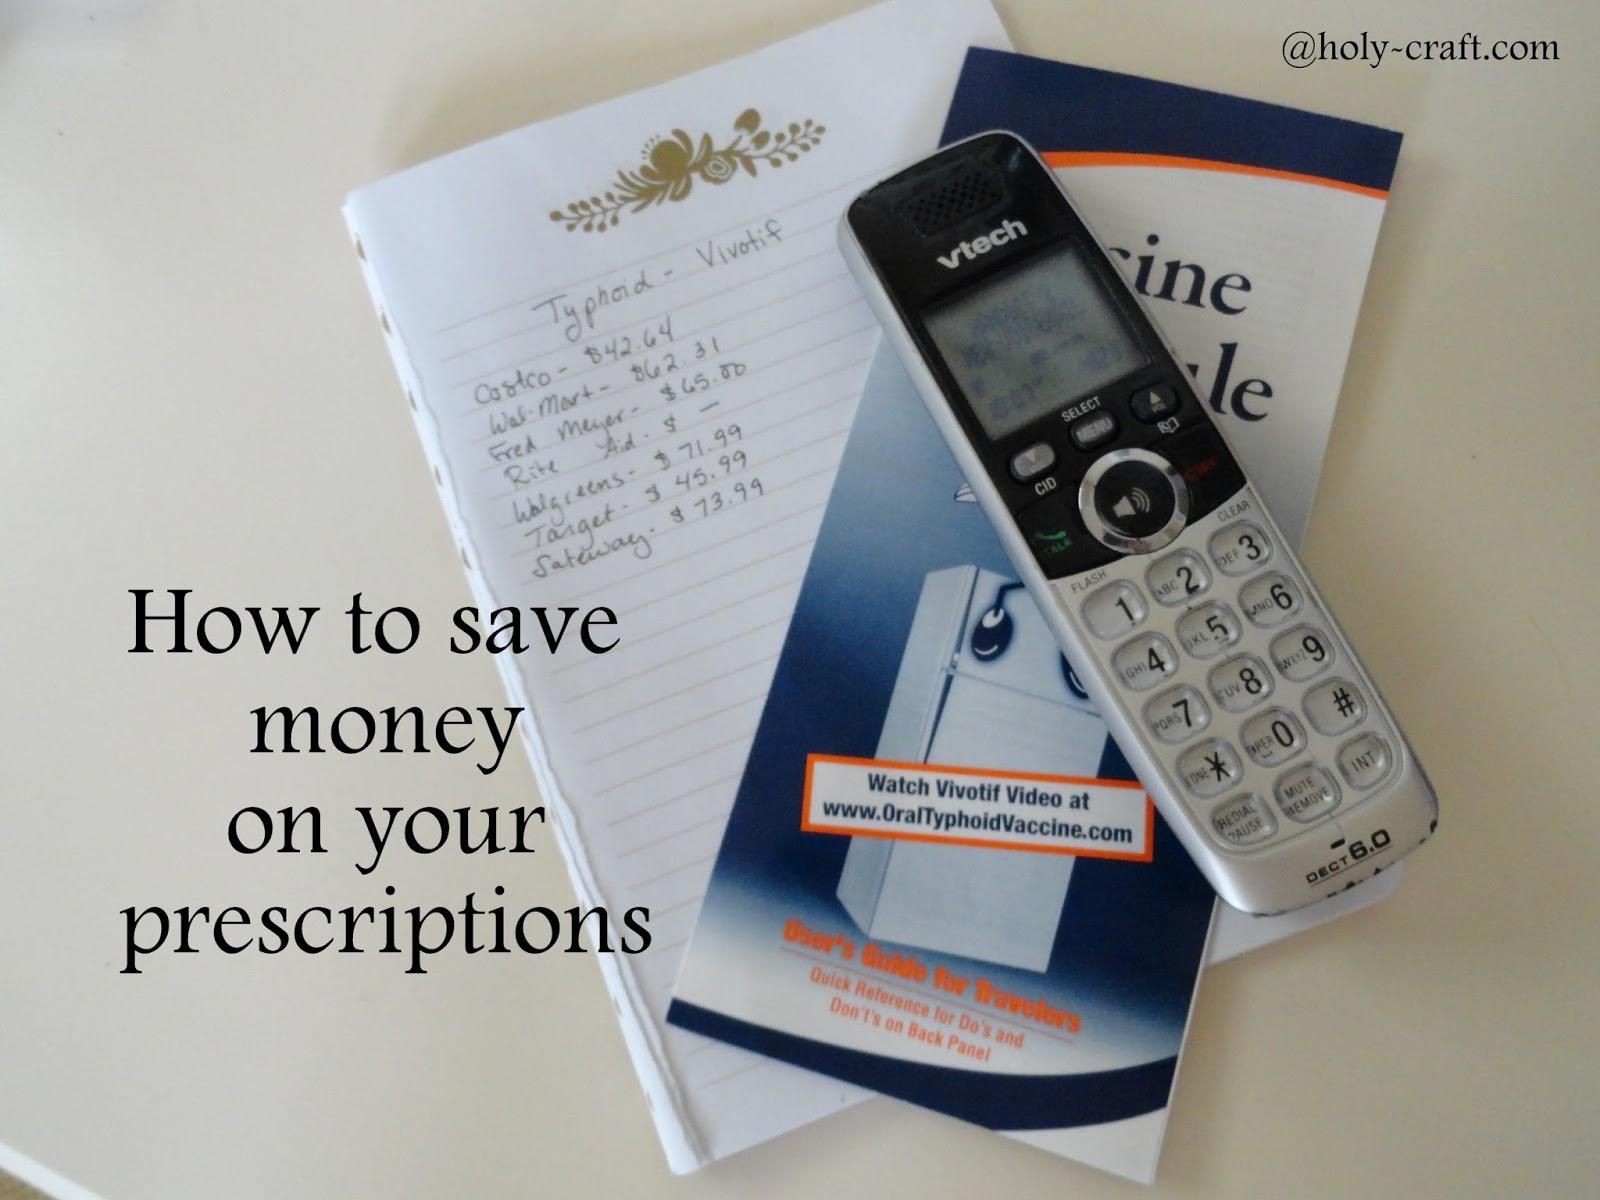 http://3.bp.blogspot.com/-GTJ9m9oHIL0/U1f0jXyS2mI/AAAAAAAAYsc/Of8lzM7HkUQ/s1600/prescriptions.jpg